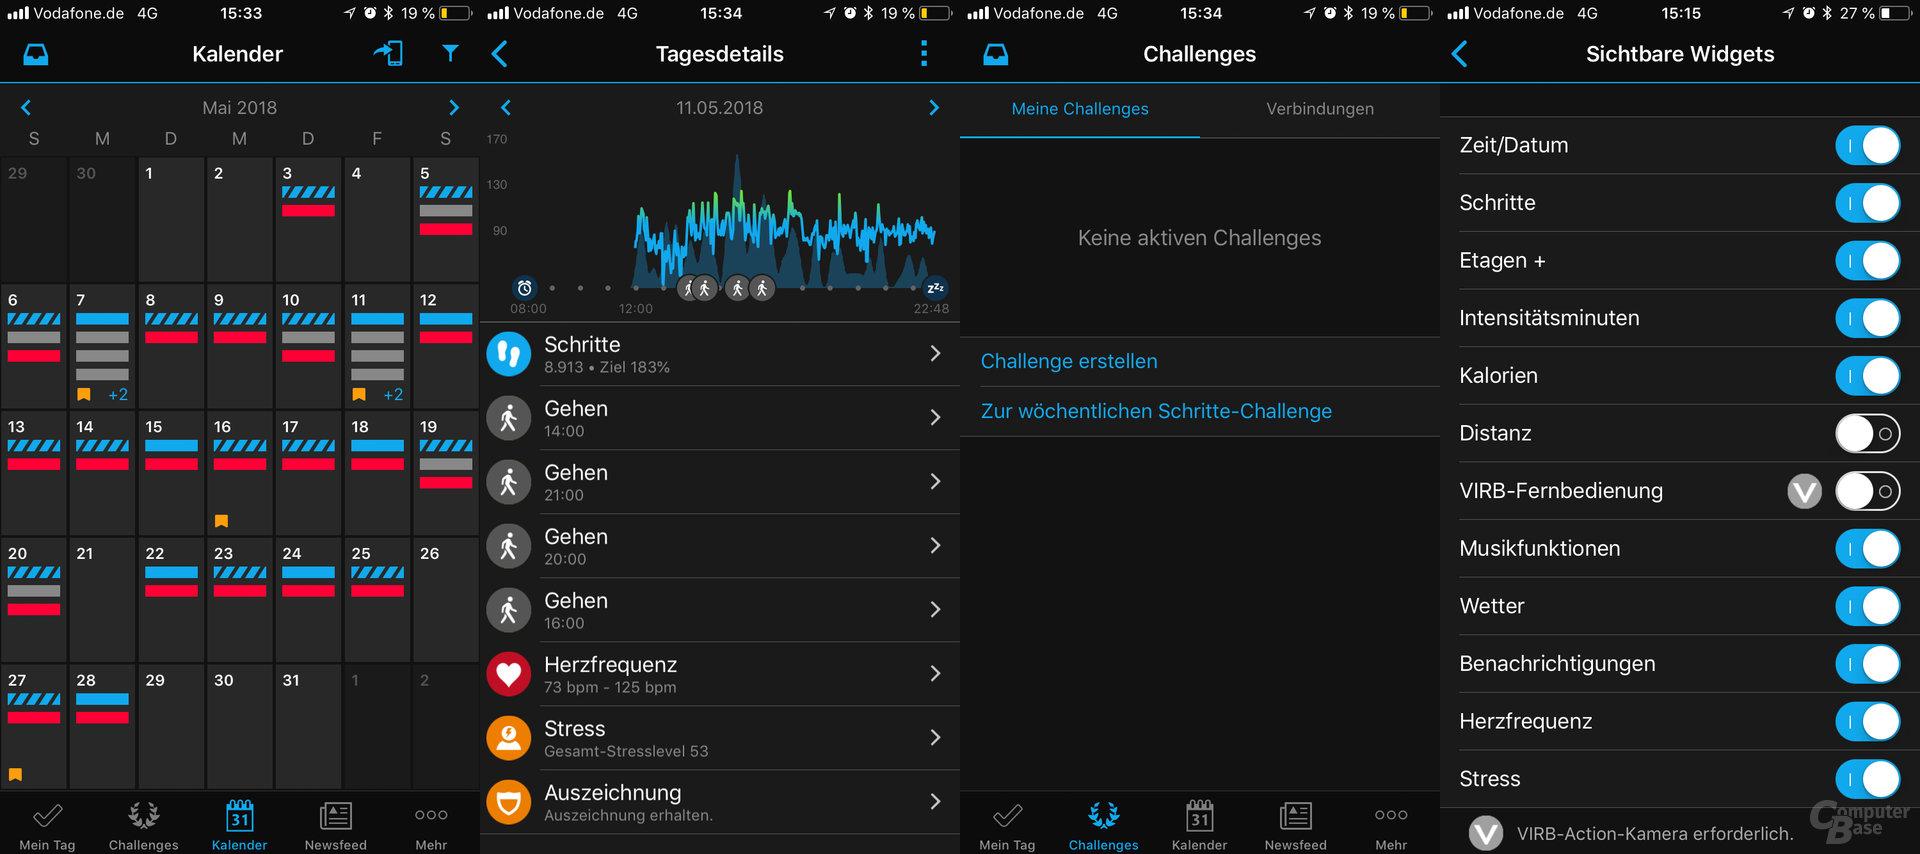 Garmin Connect: Kalender und Detailansicht